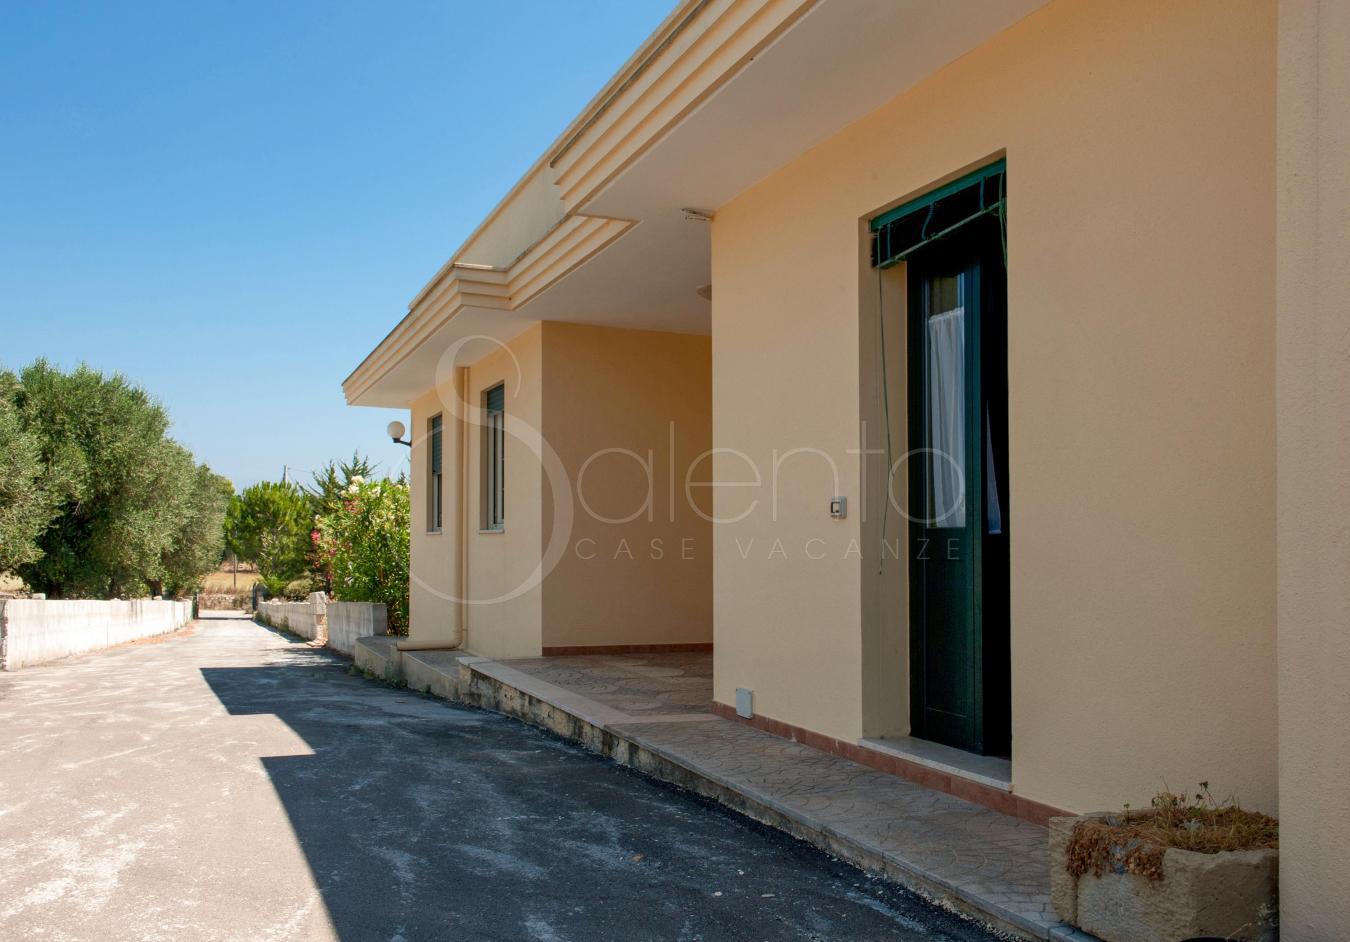 ville e villette - Otranto - Casa Frulli